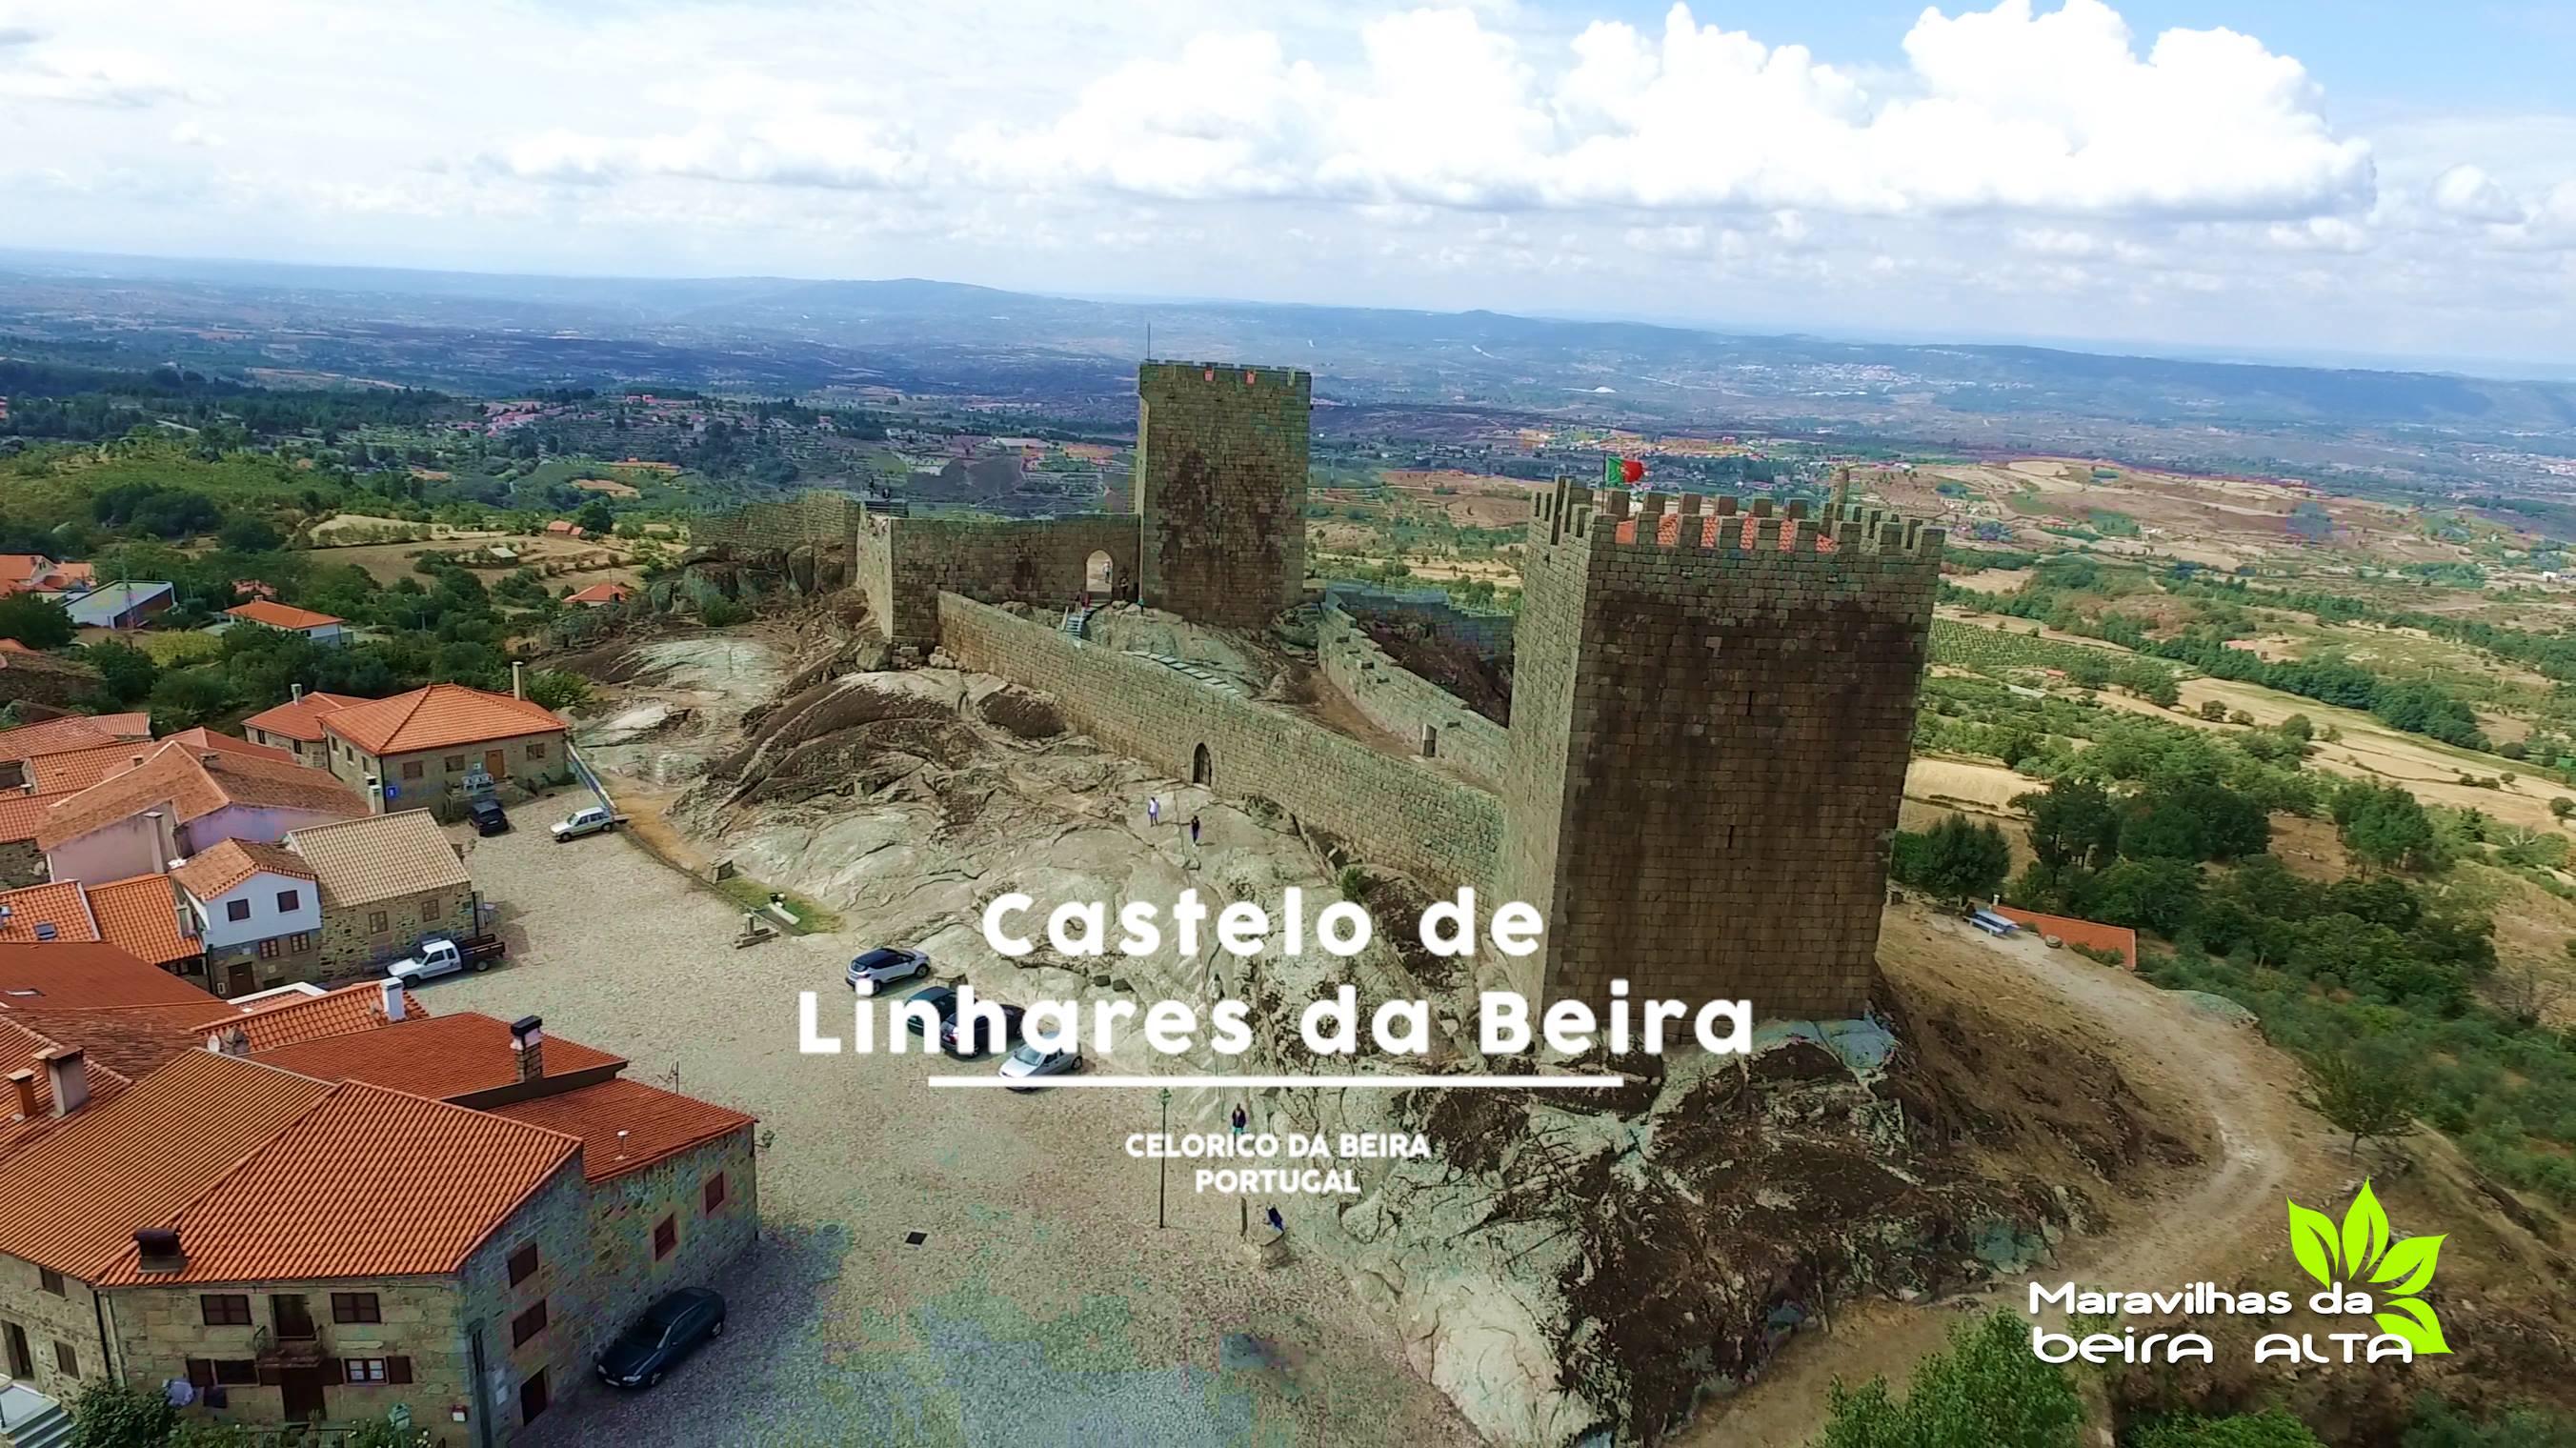 Aldeia Histórica de Linhares da Beira e o seu Castelo 🎥🏰